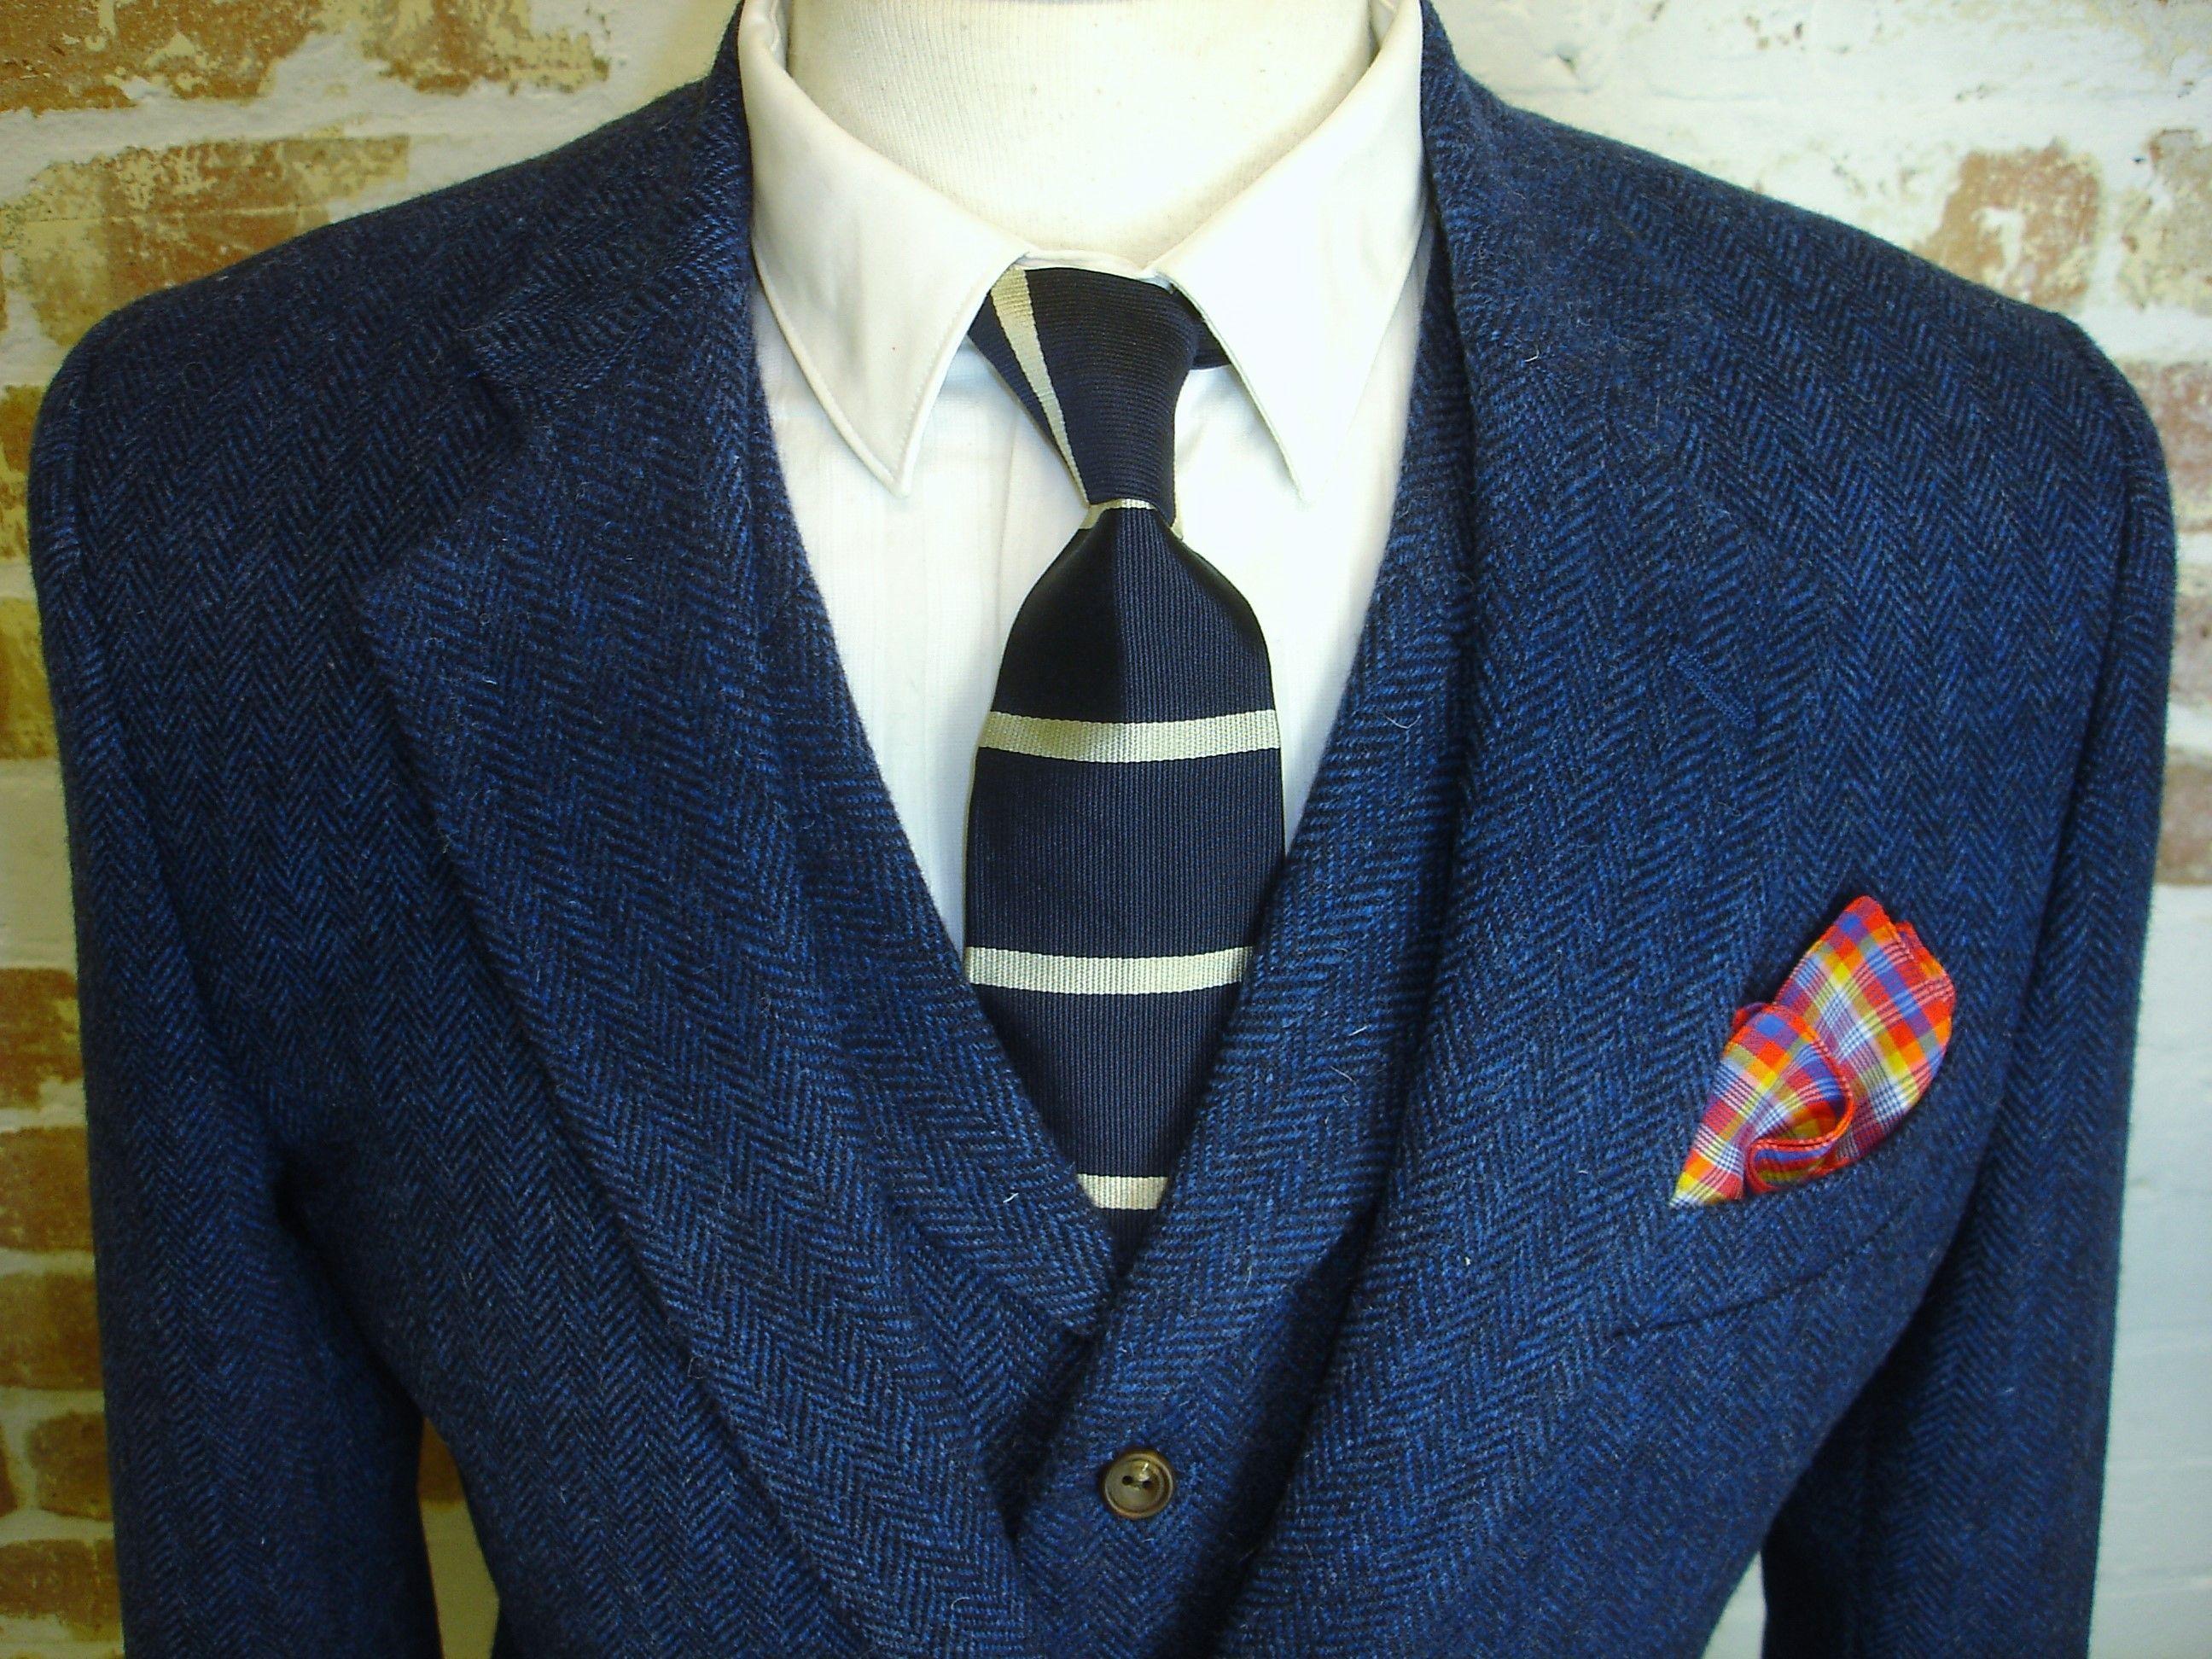 3 Piece Tweed Wedding Suit in Blue Herringbone Shetland Tweed | 3 ...